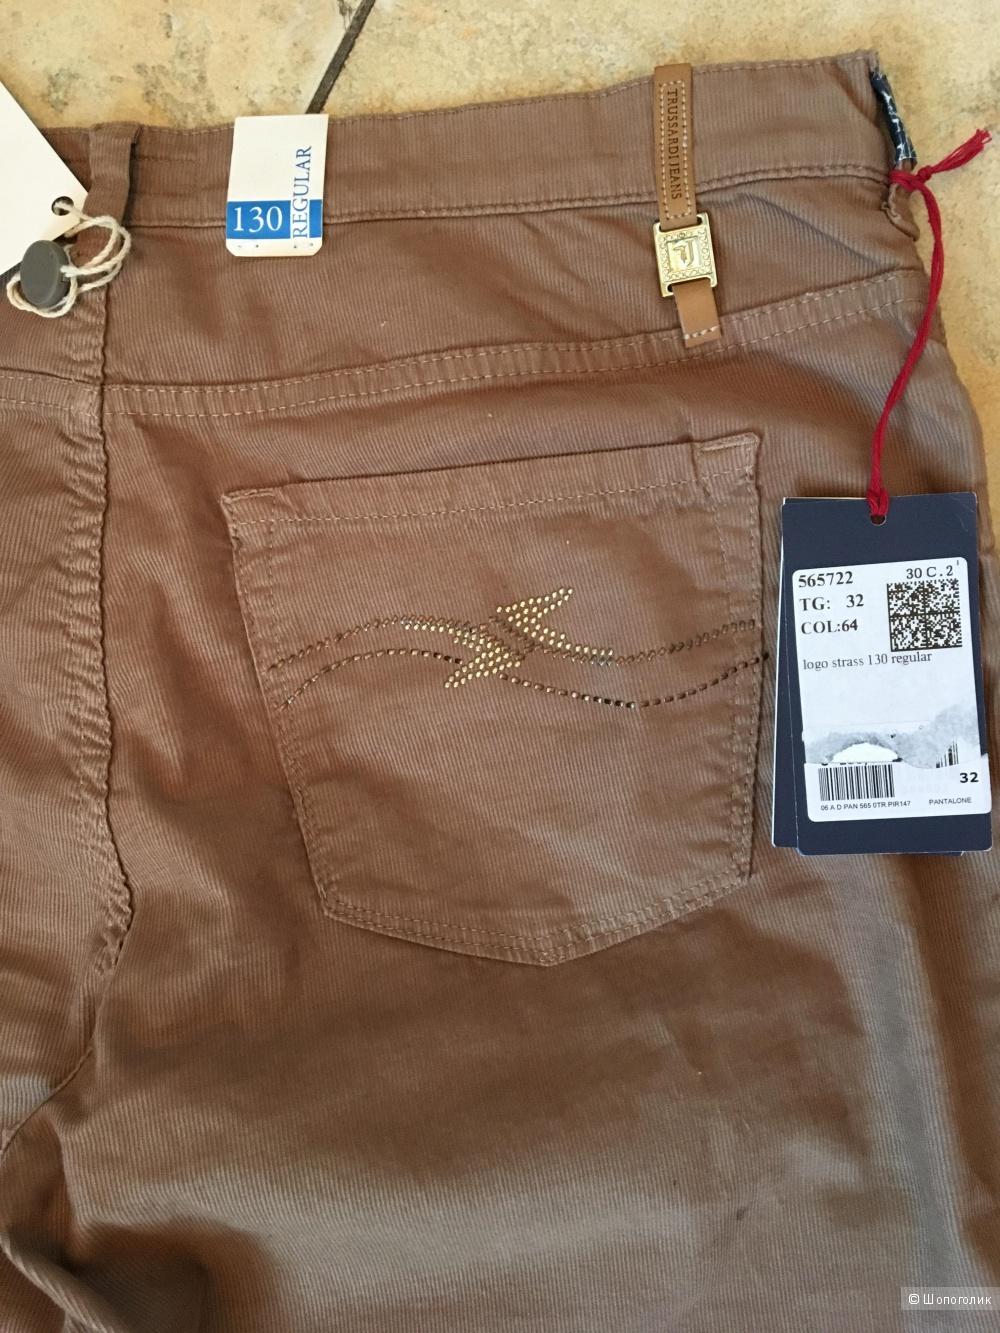 Брюки Trussardi Jeans из микровельвета, размер джинсовый 32